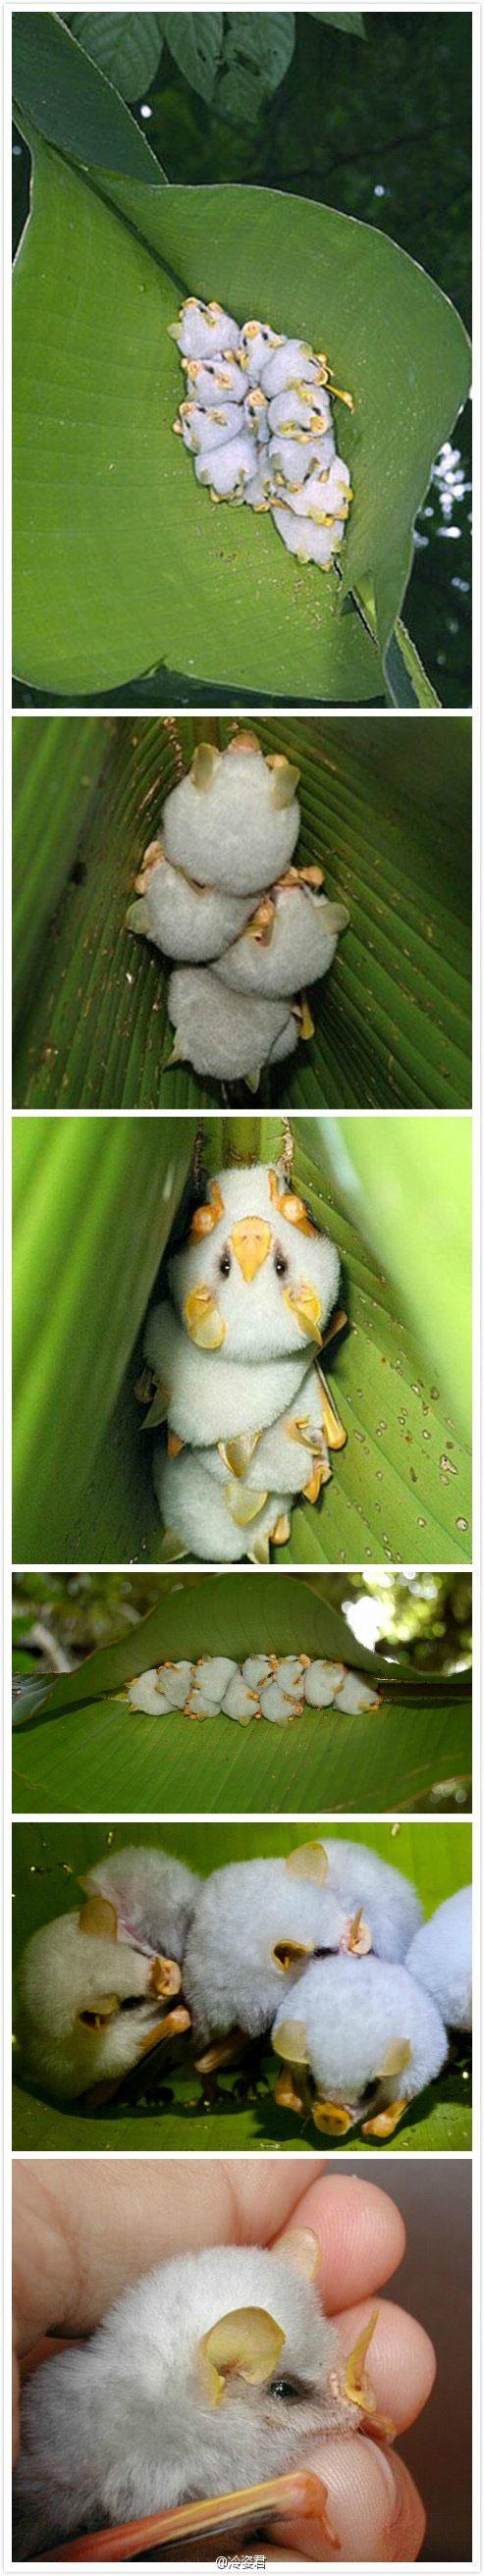 世界上最萌的蝙蝠 像一堆小汤圆